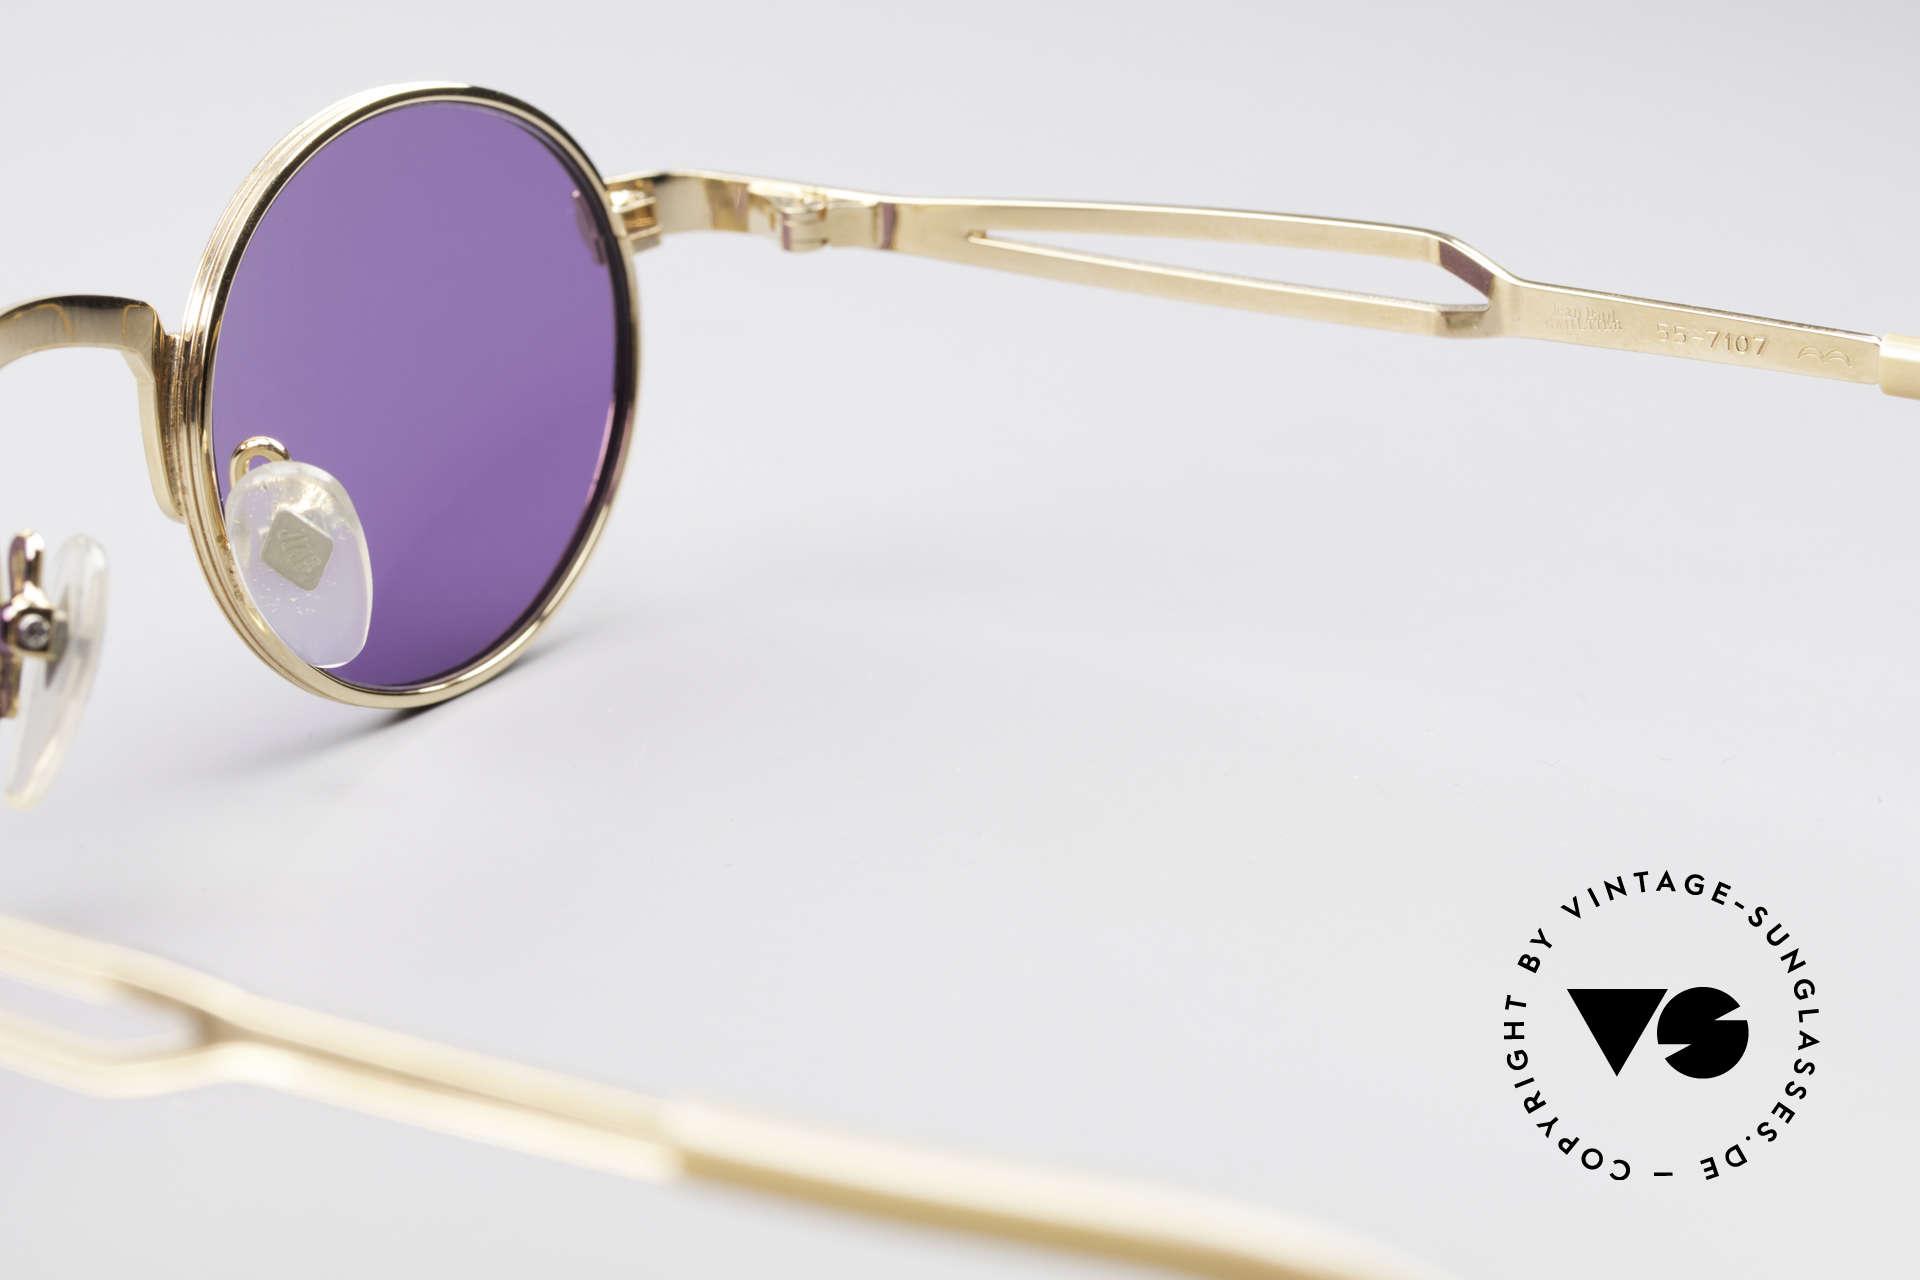 Jean Paul Gaultier 55-7107 XS Kleine Vergoldete Fassung, KEINE RETRObrille, ein kostbares ORIGINAL von 1997, Passend für Herren und Damen